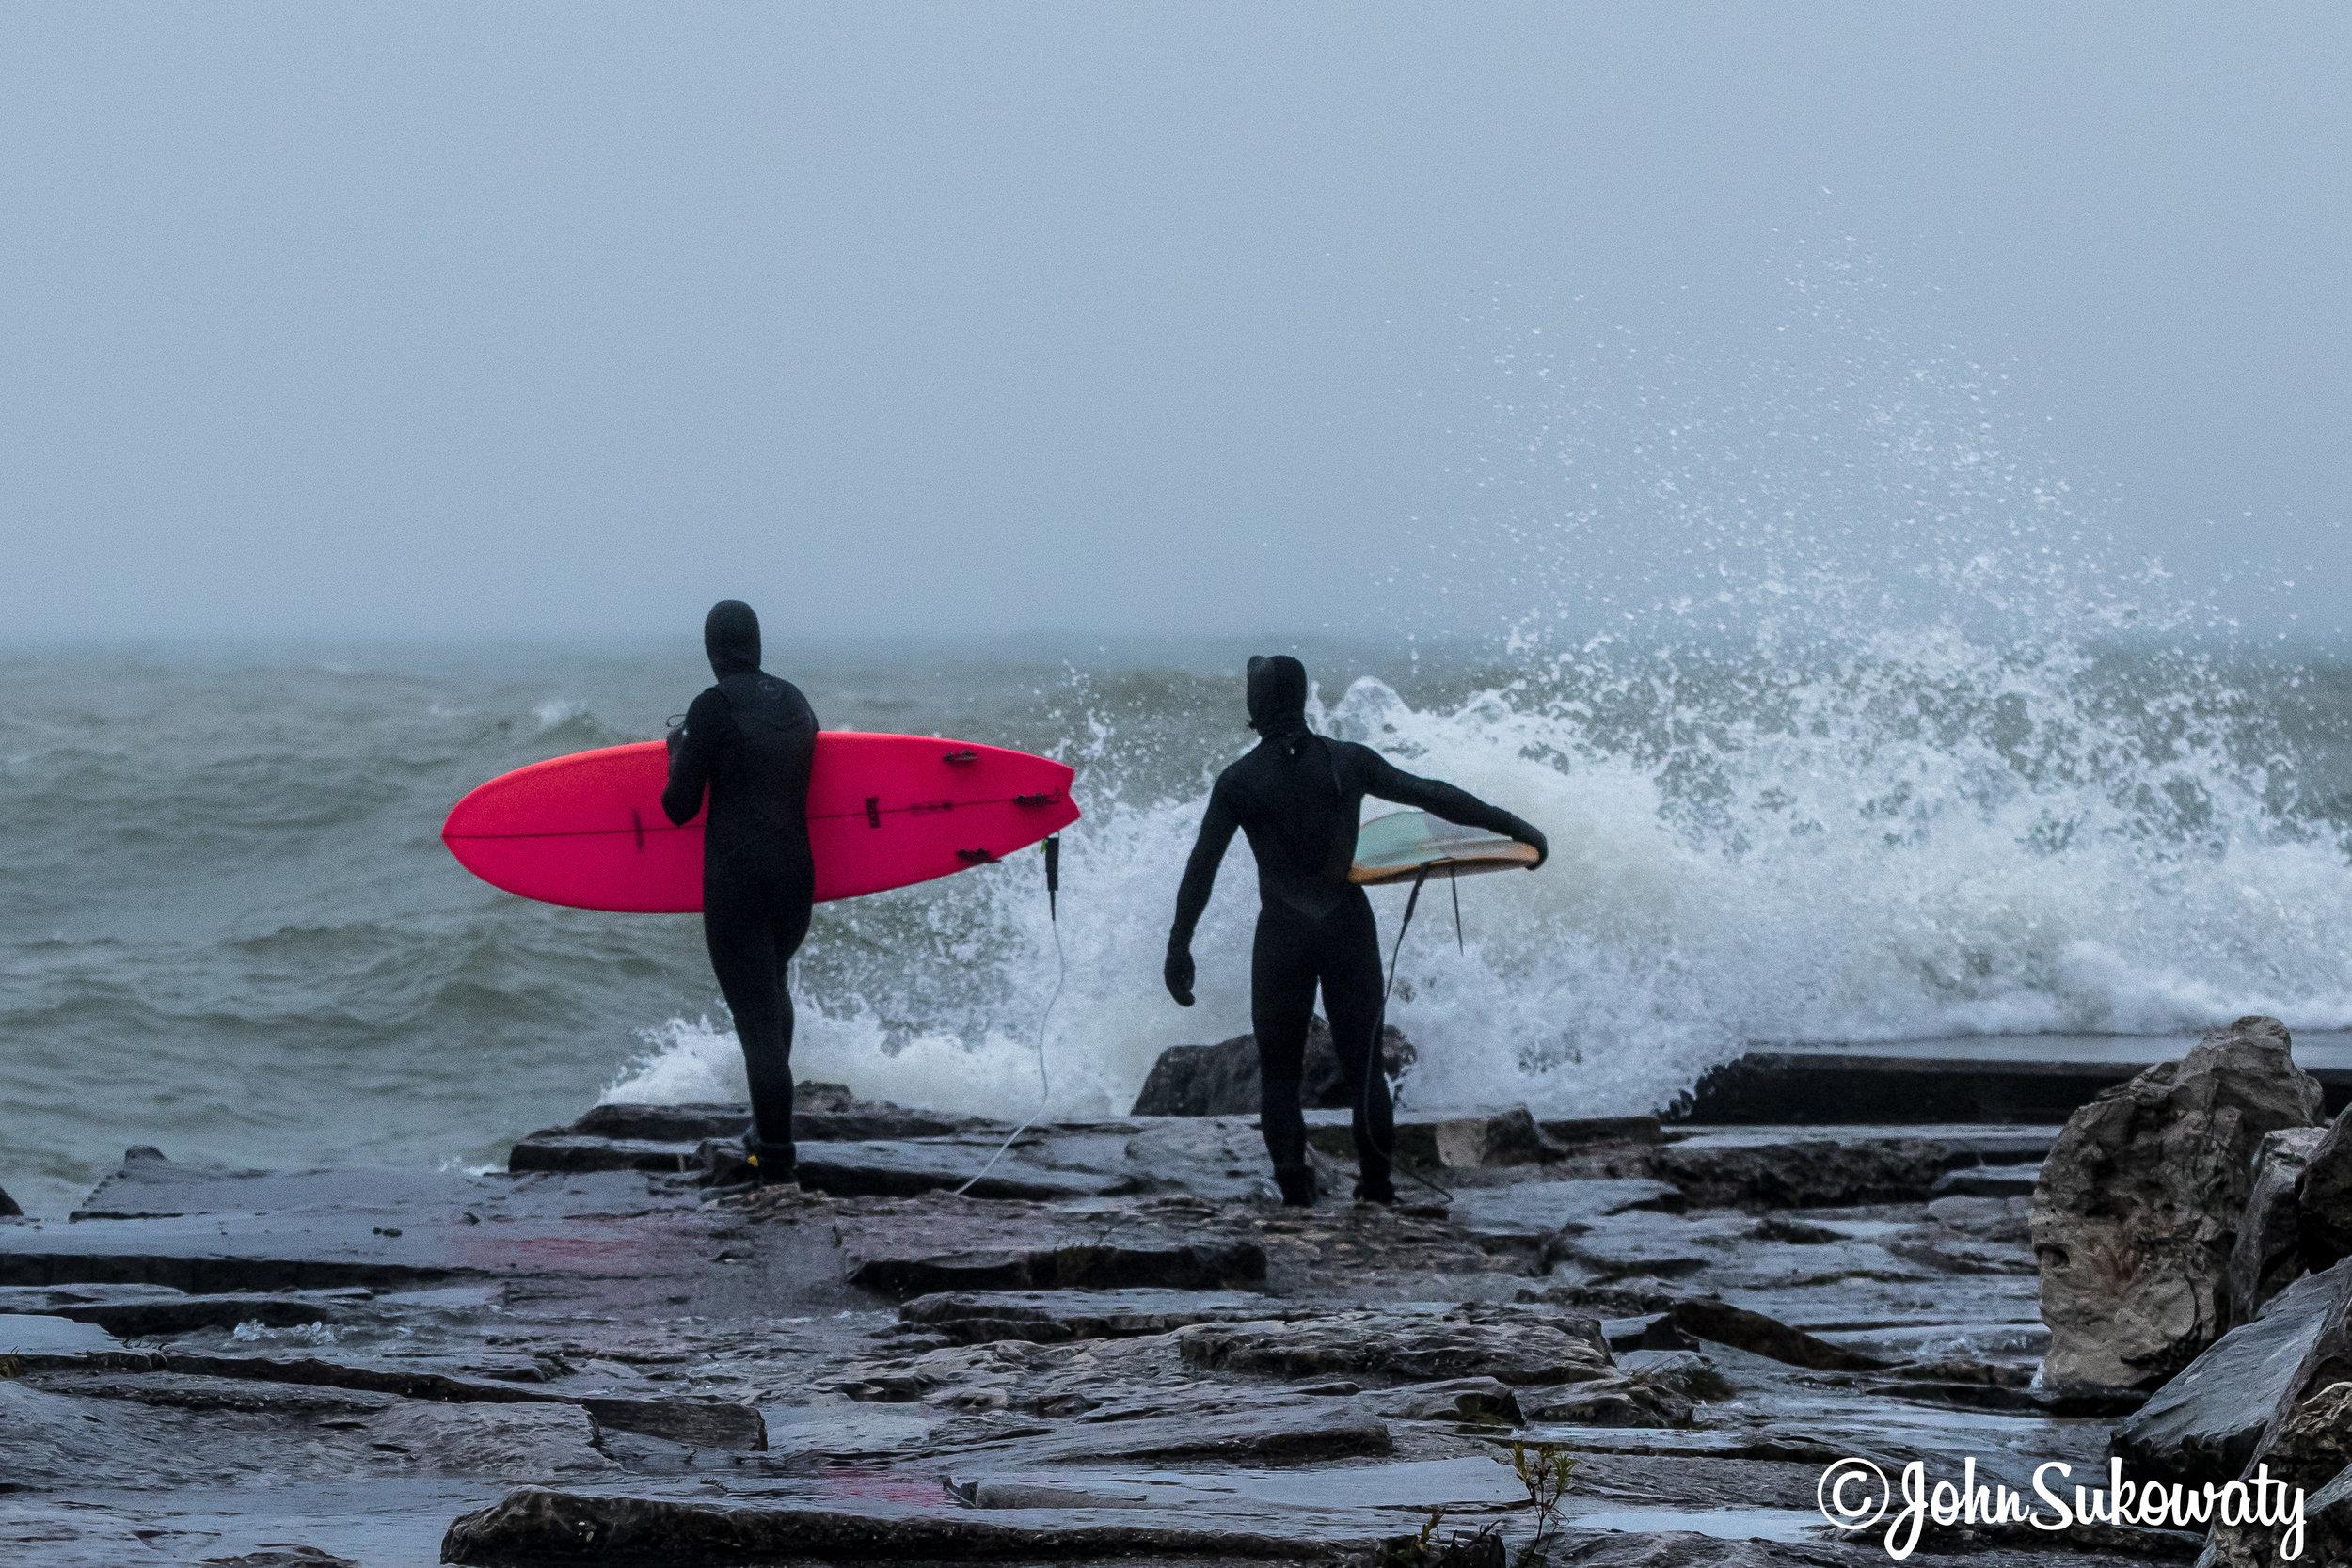 sheboygan-surfing-november-229.jpg